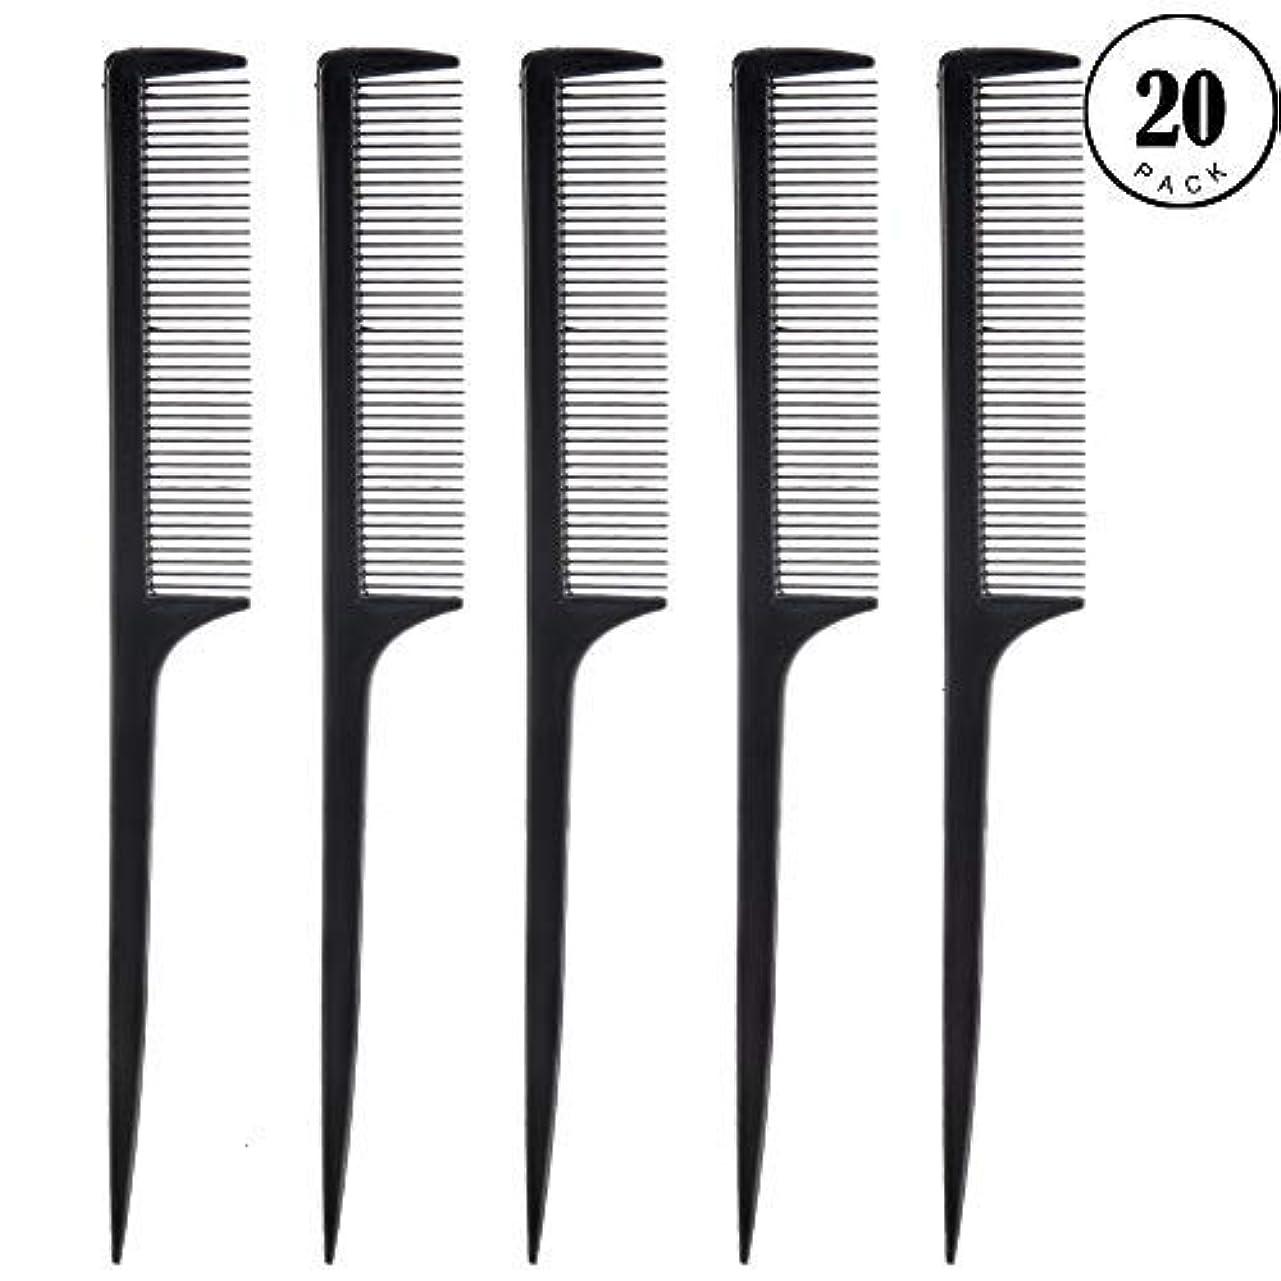 シルエット驚くべきプライムFeeko Comb, 20 Pieces 21CM Plastic Lightweight Rat Tail Comb All Hair Types Black [並行輸入品]